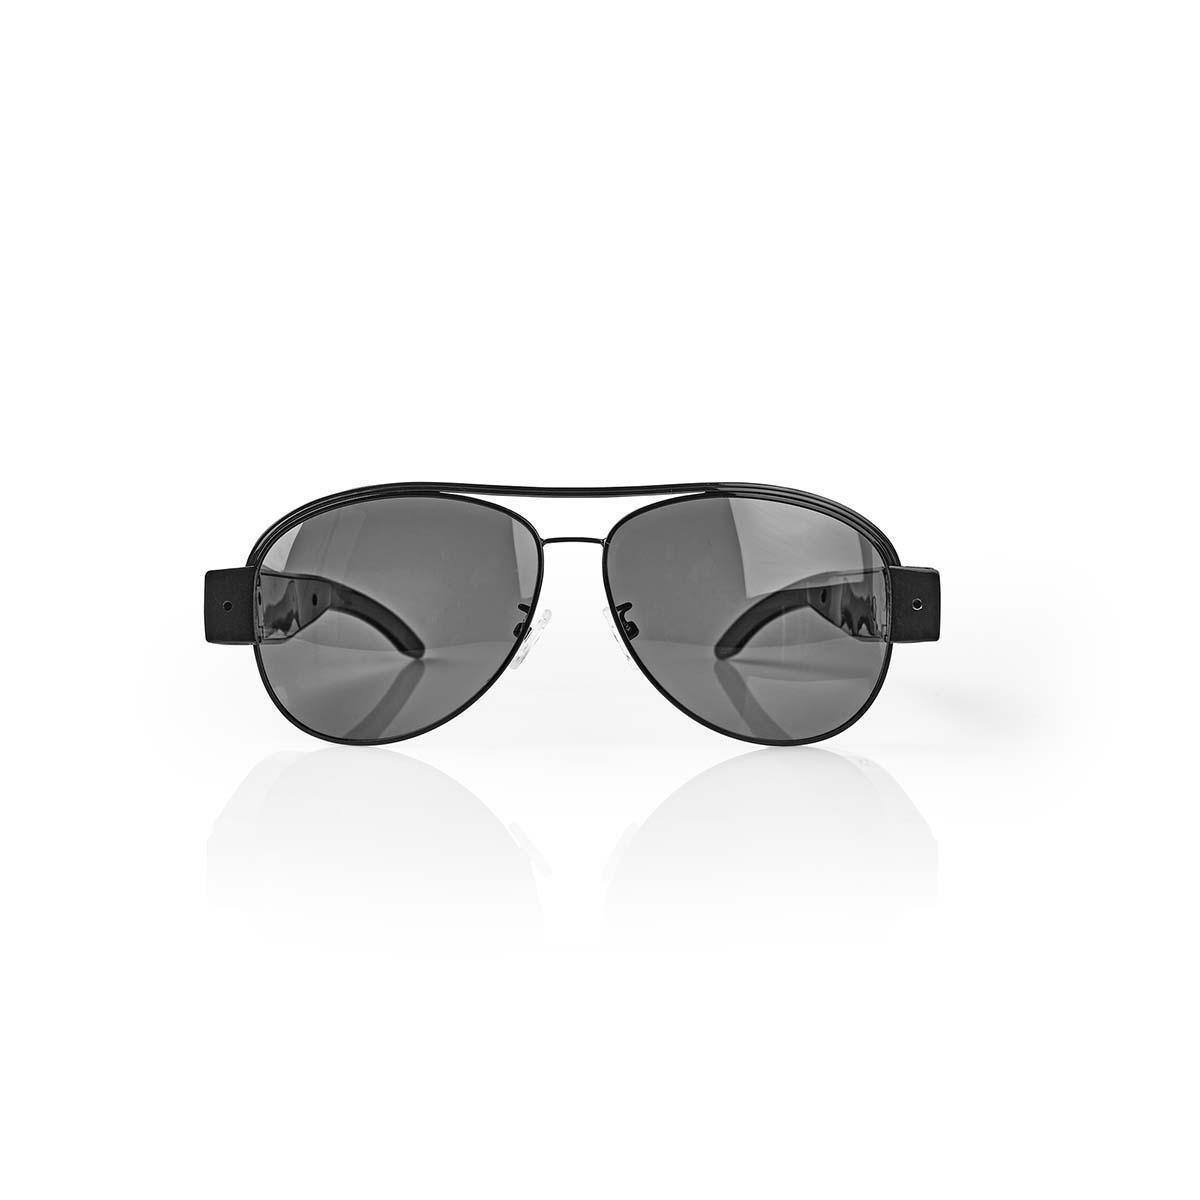 Lunettes de soleil avec caméra intégrée | Vidéo 1920x1080 | 4032x3024 photo | Rechargeable Mettez ces lunettes de soleil avec une caméra cachée et faites des photos discrètes. Les lunettes de soleil sont non seulement idéales comme spycam, mais peuvent ég